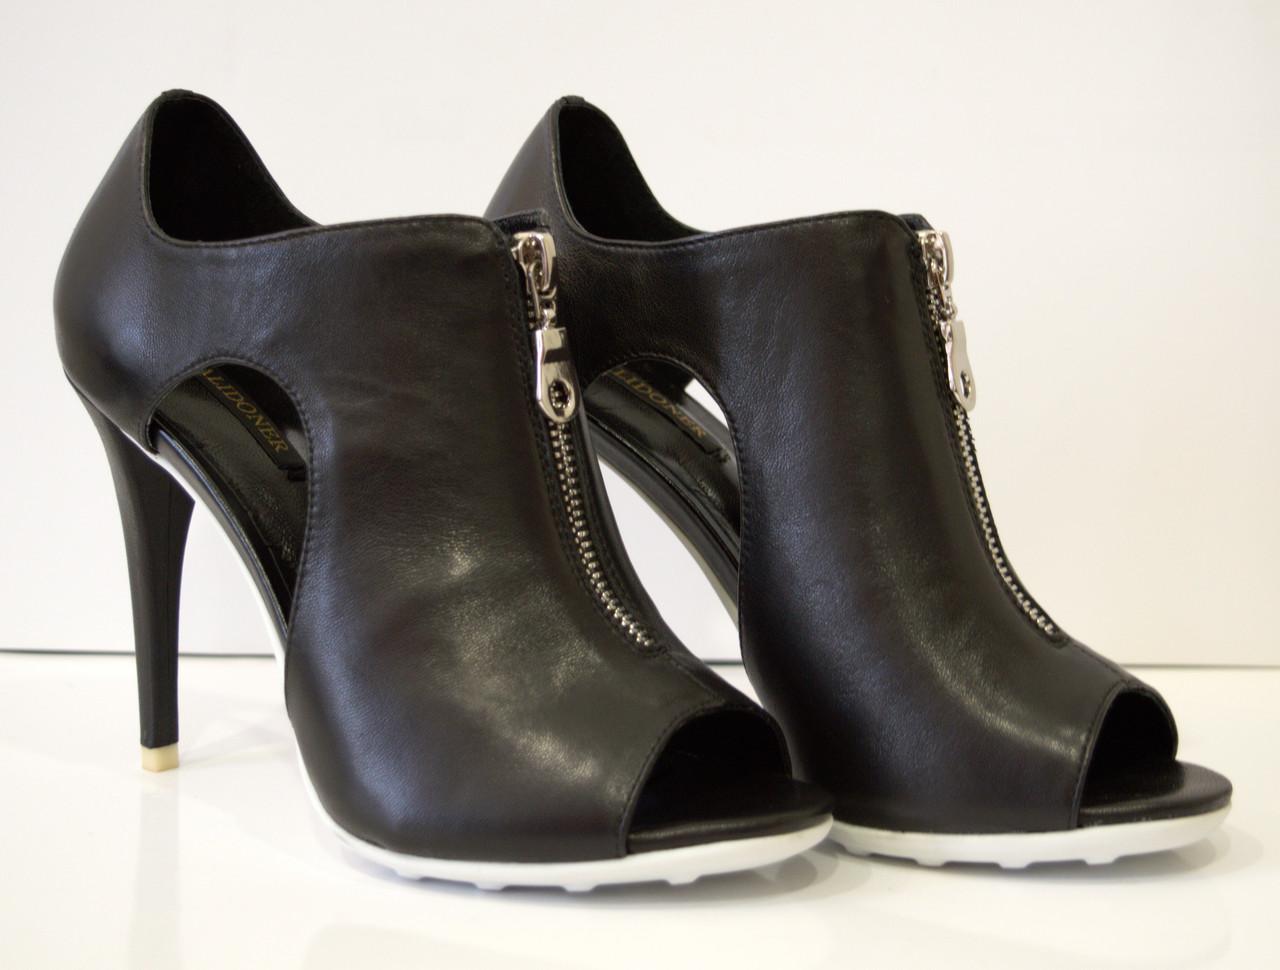 Босоножки женские черные на каблуке Balidoner 005-2